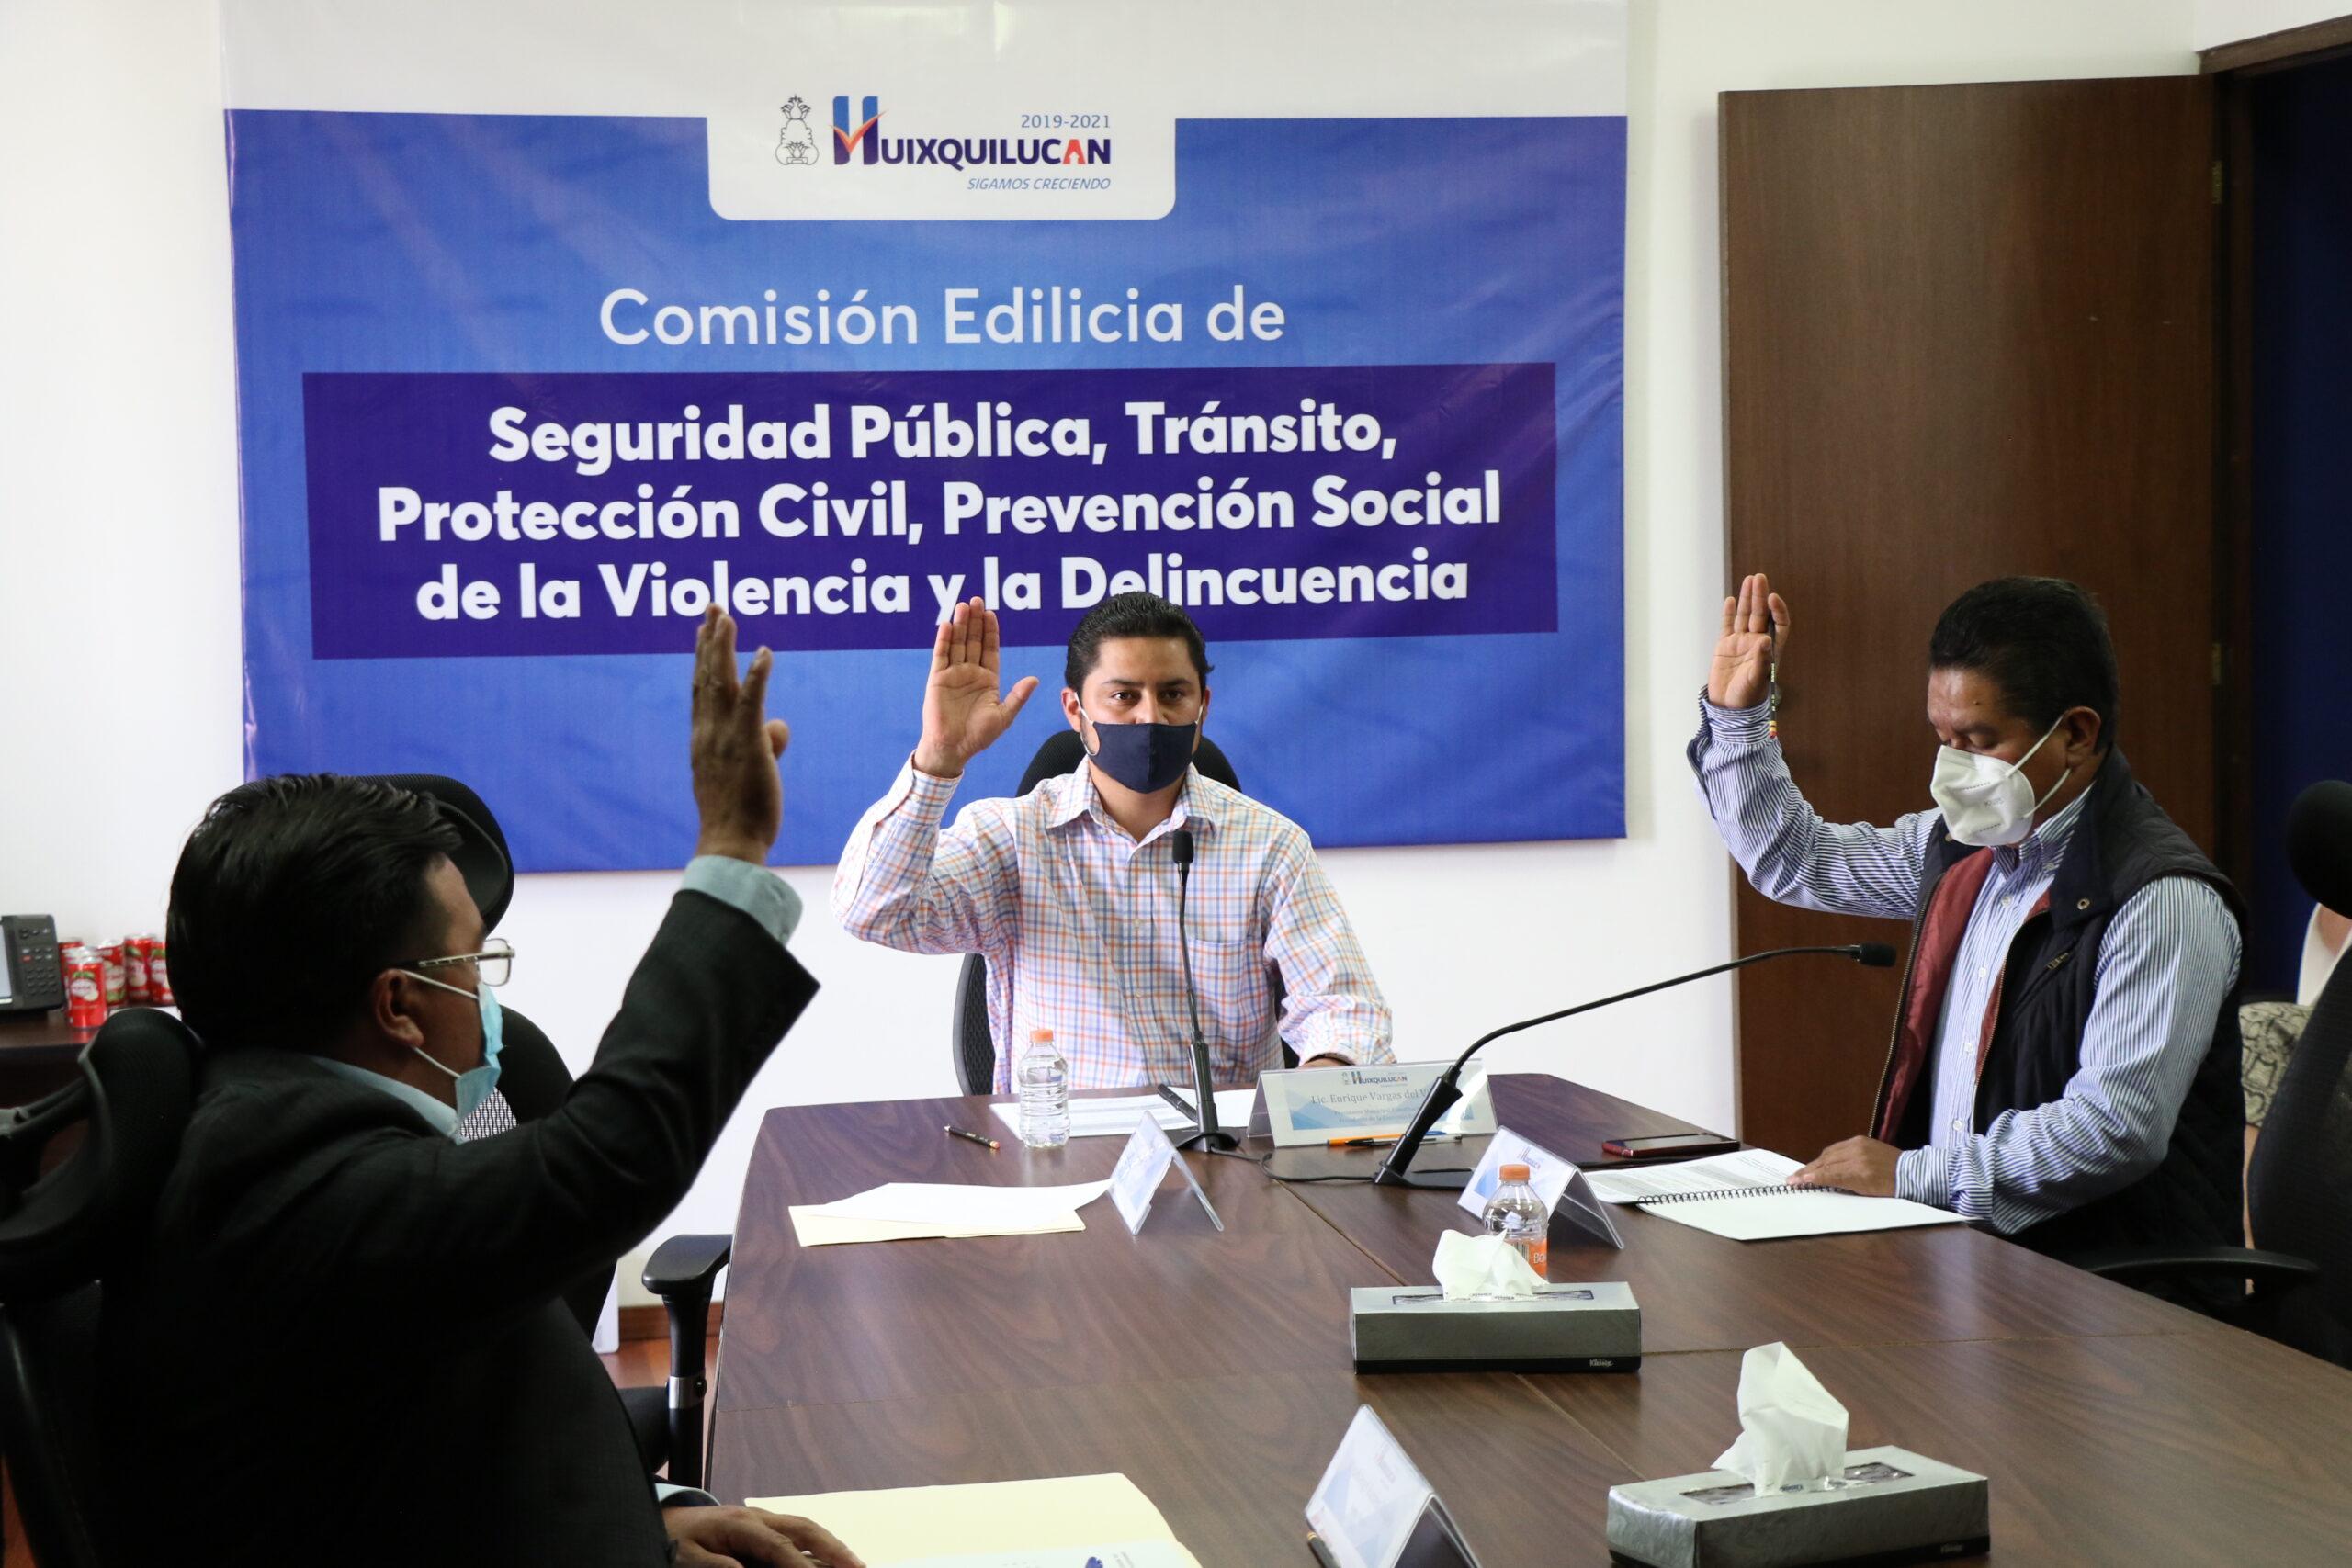 Trabajo de seguridad pública de Huixquilucan permitió reducir ritmo de contagios por coronavirus